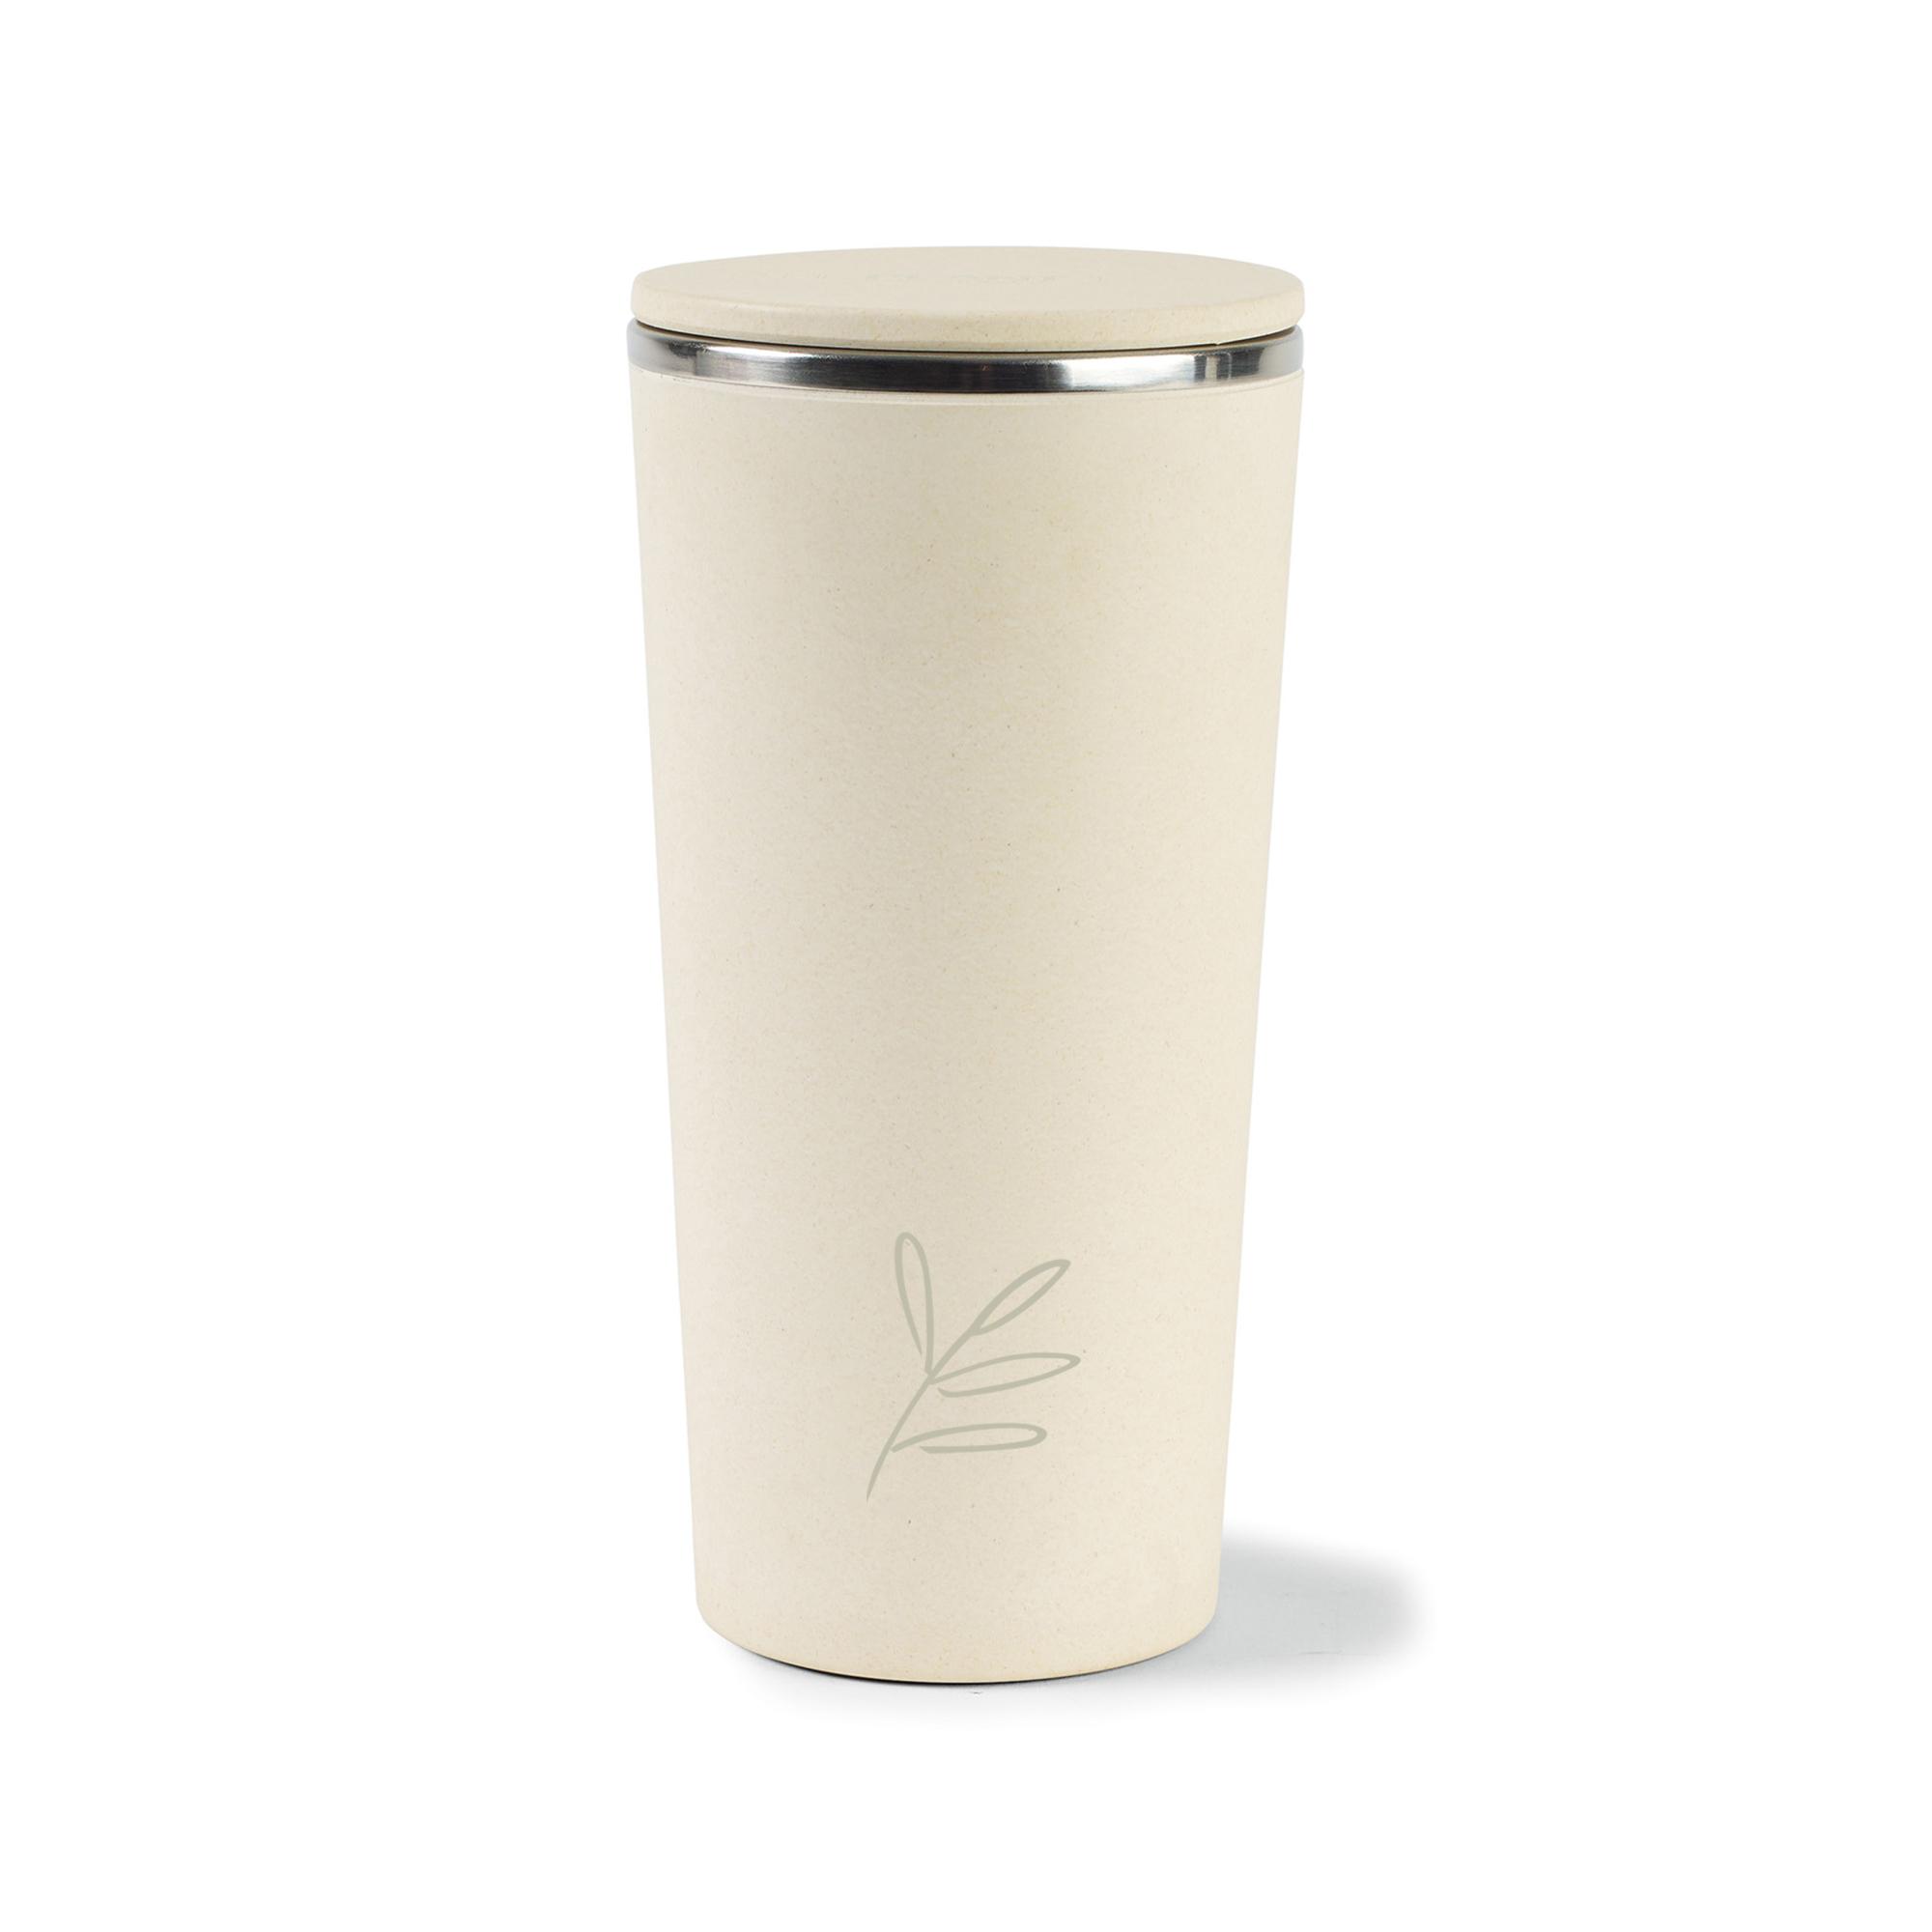 Gaia Bamboo Fiber Tumbler - 13.5 Oz. Natural